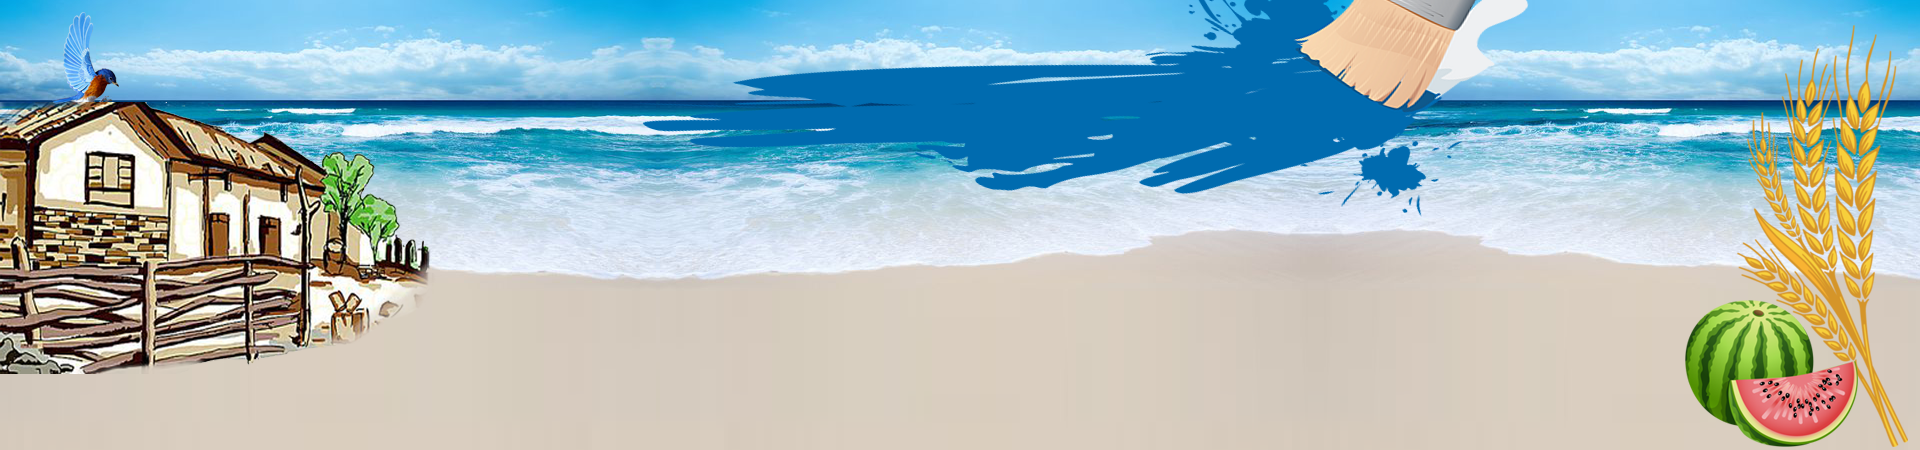 海南星海假期國際旅行社有限公司三亞分公司